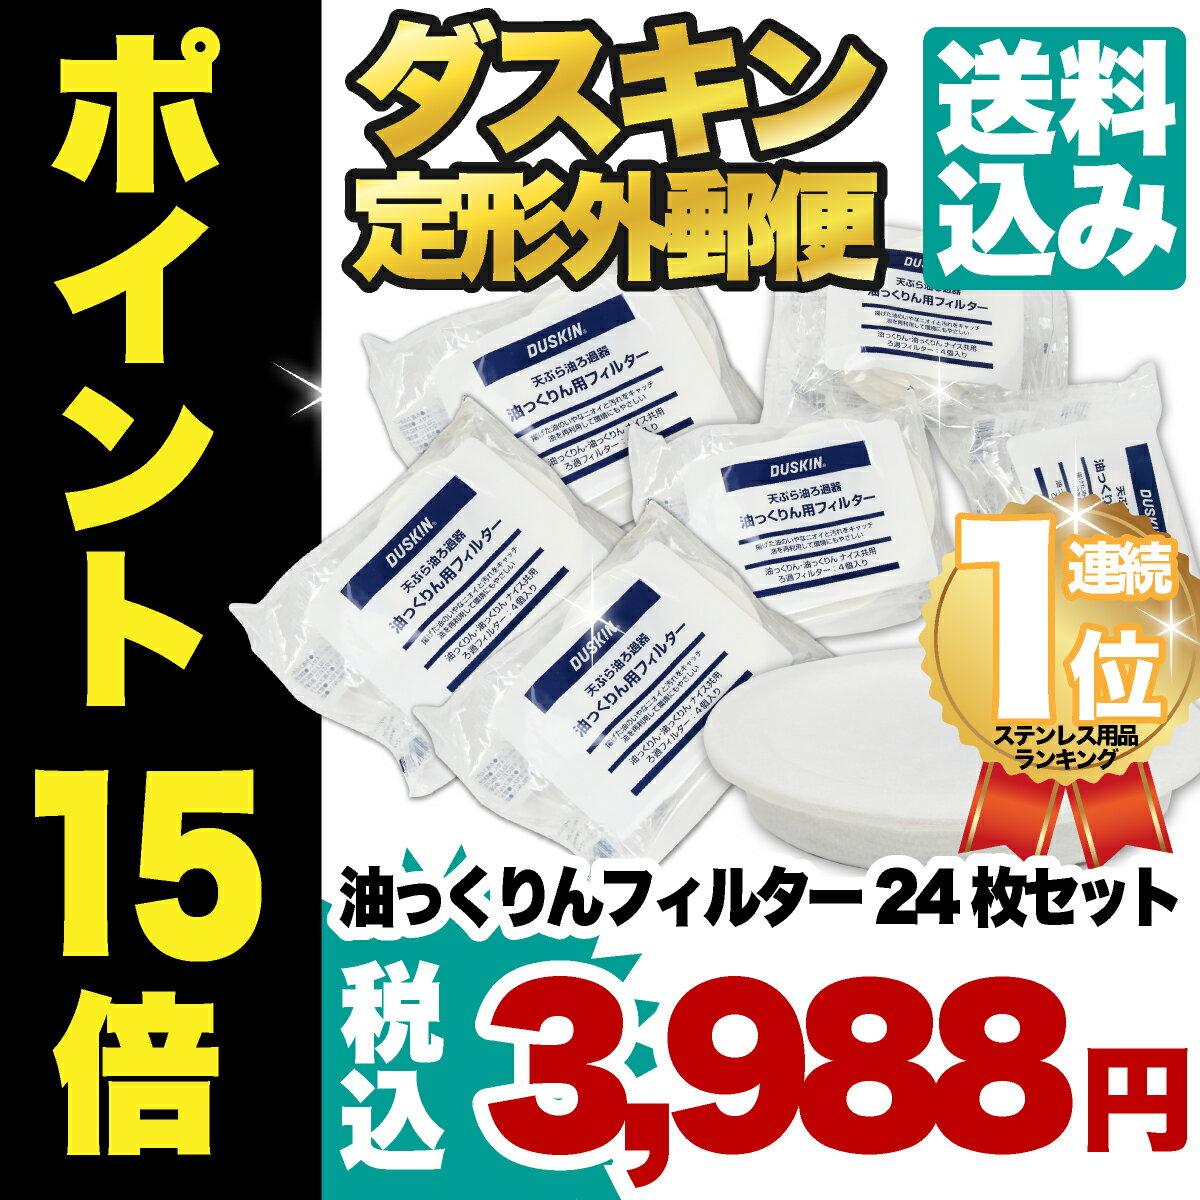 ダスキン 油っくりん フィルター 24枚セット【 送料無料 】で【ポイント15倍】お得な【おまとめセット】